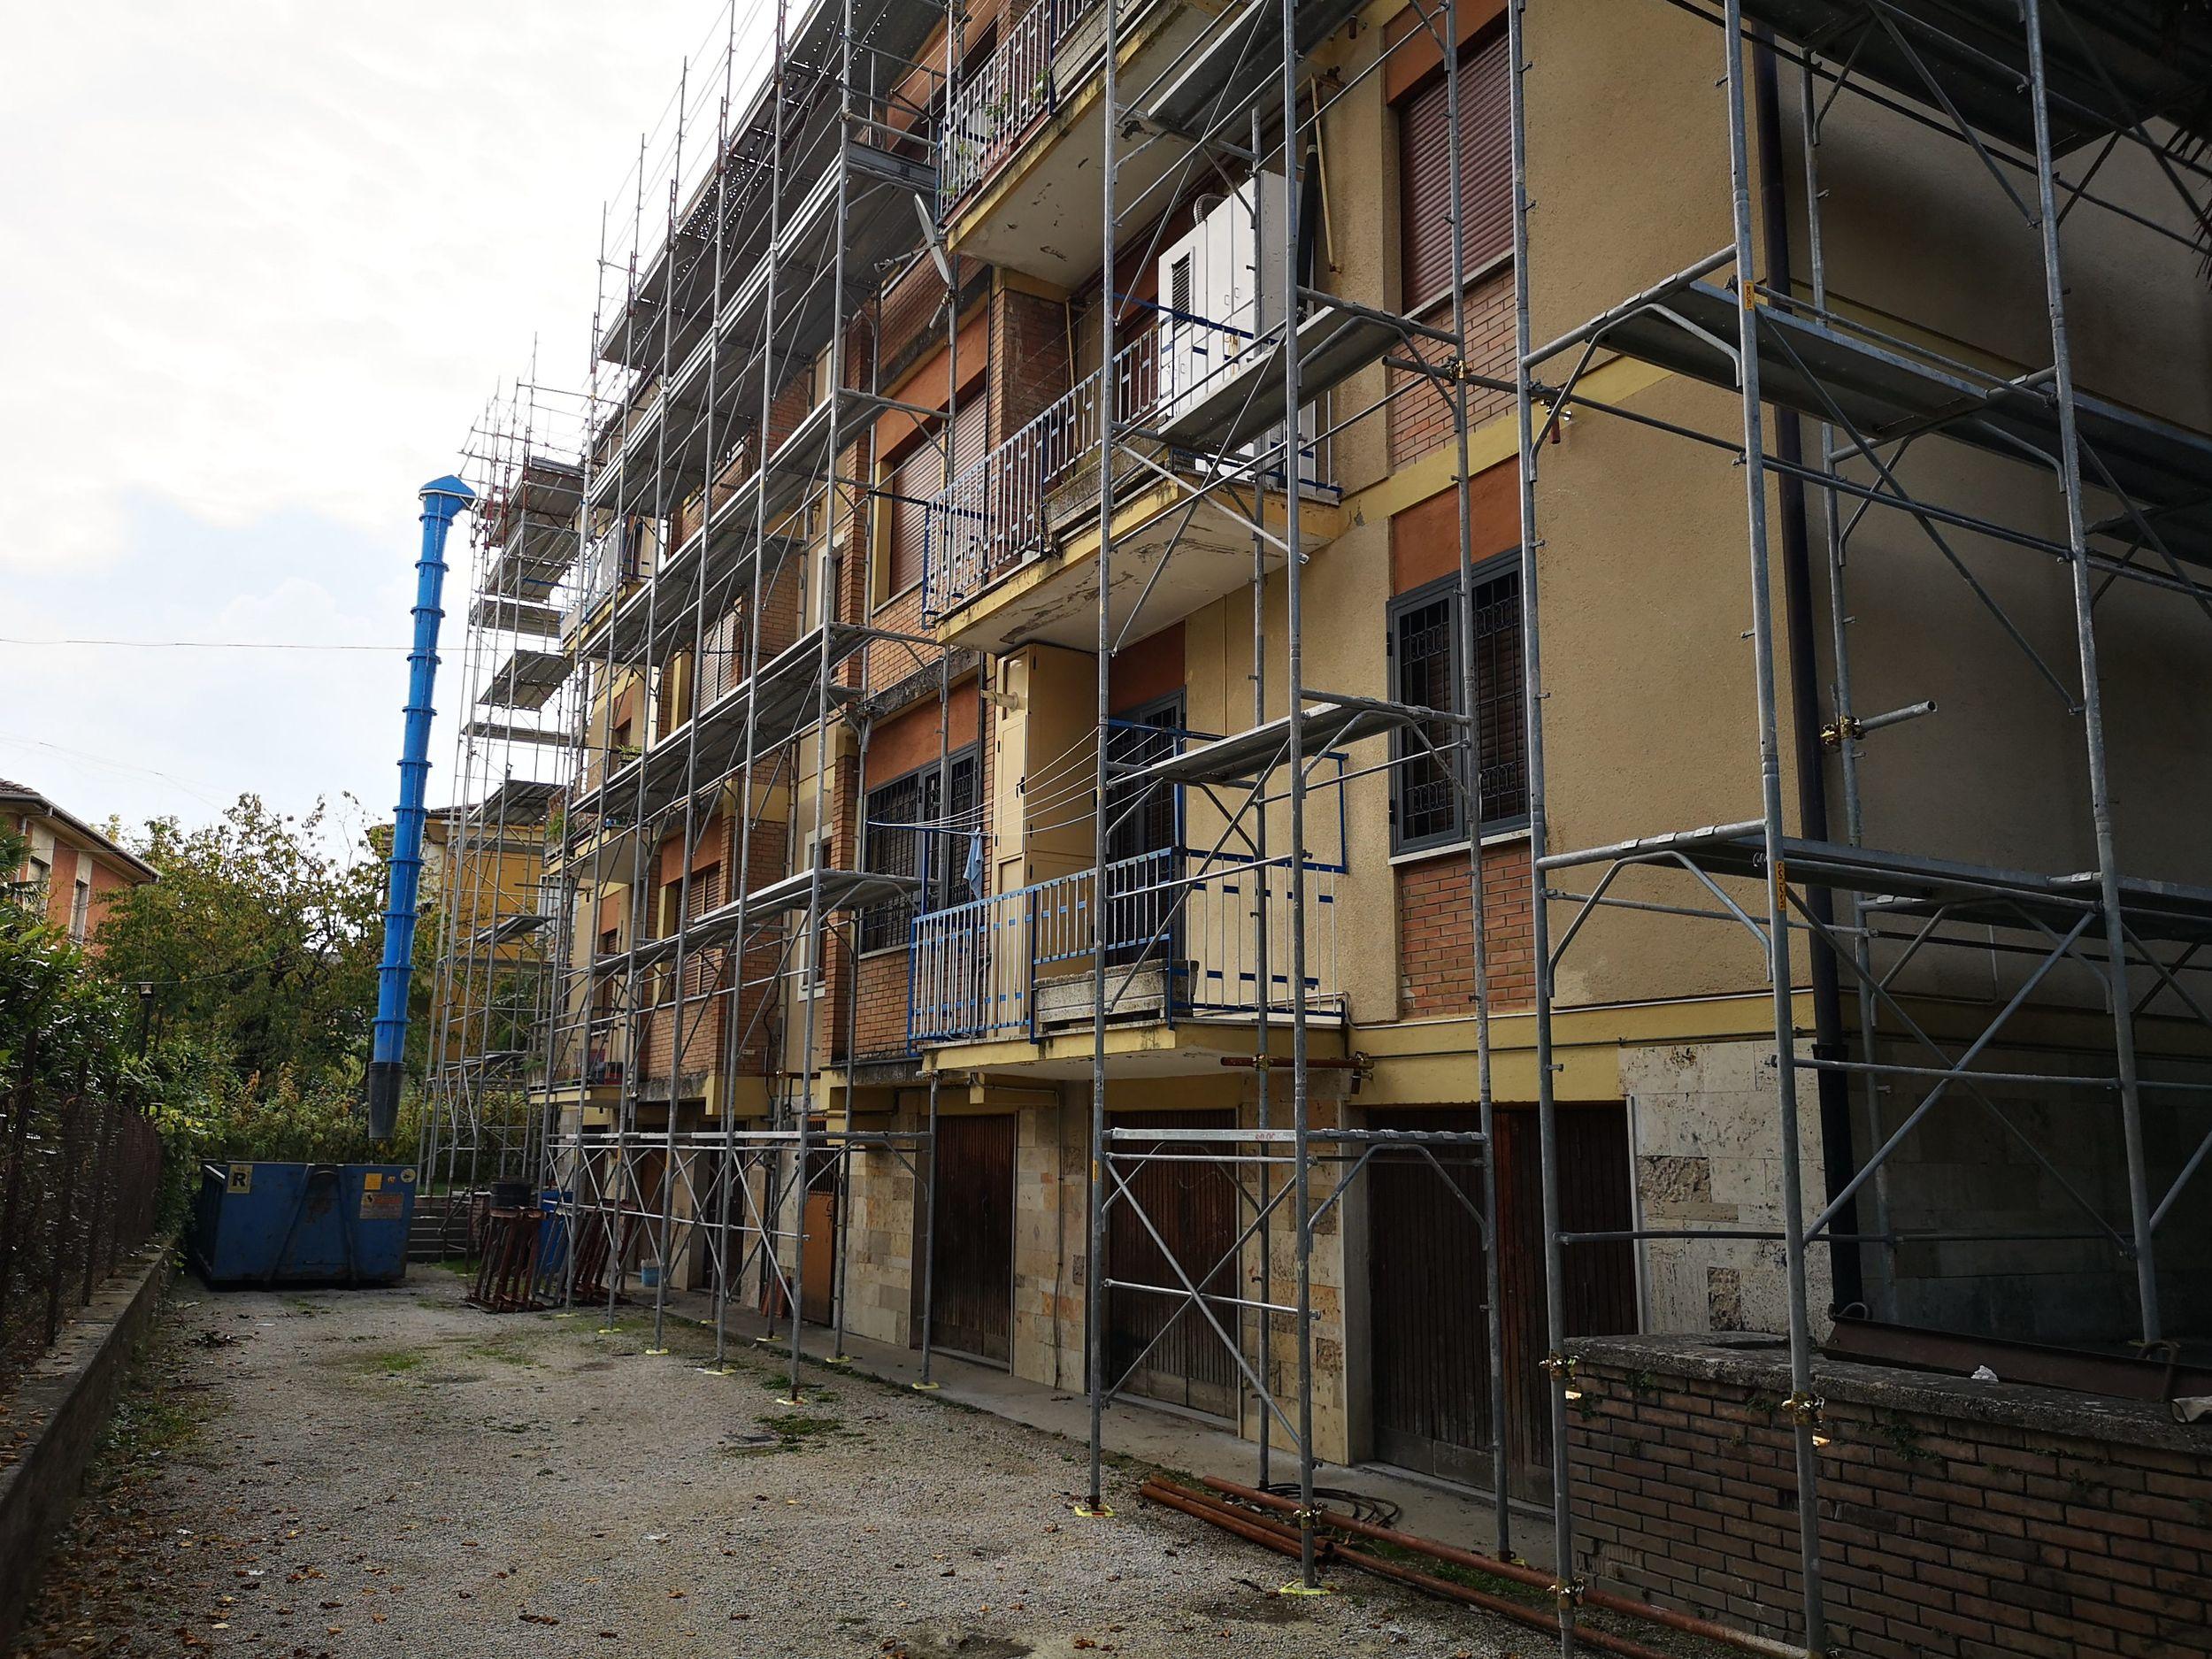 Interventi di messa in sicurezza e manutenzione delle coperture del condominio di via degli Elci civ.18 – 02100 Rieti